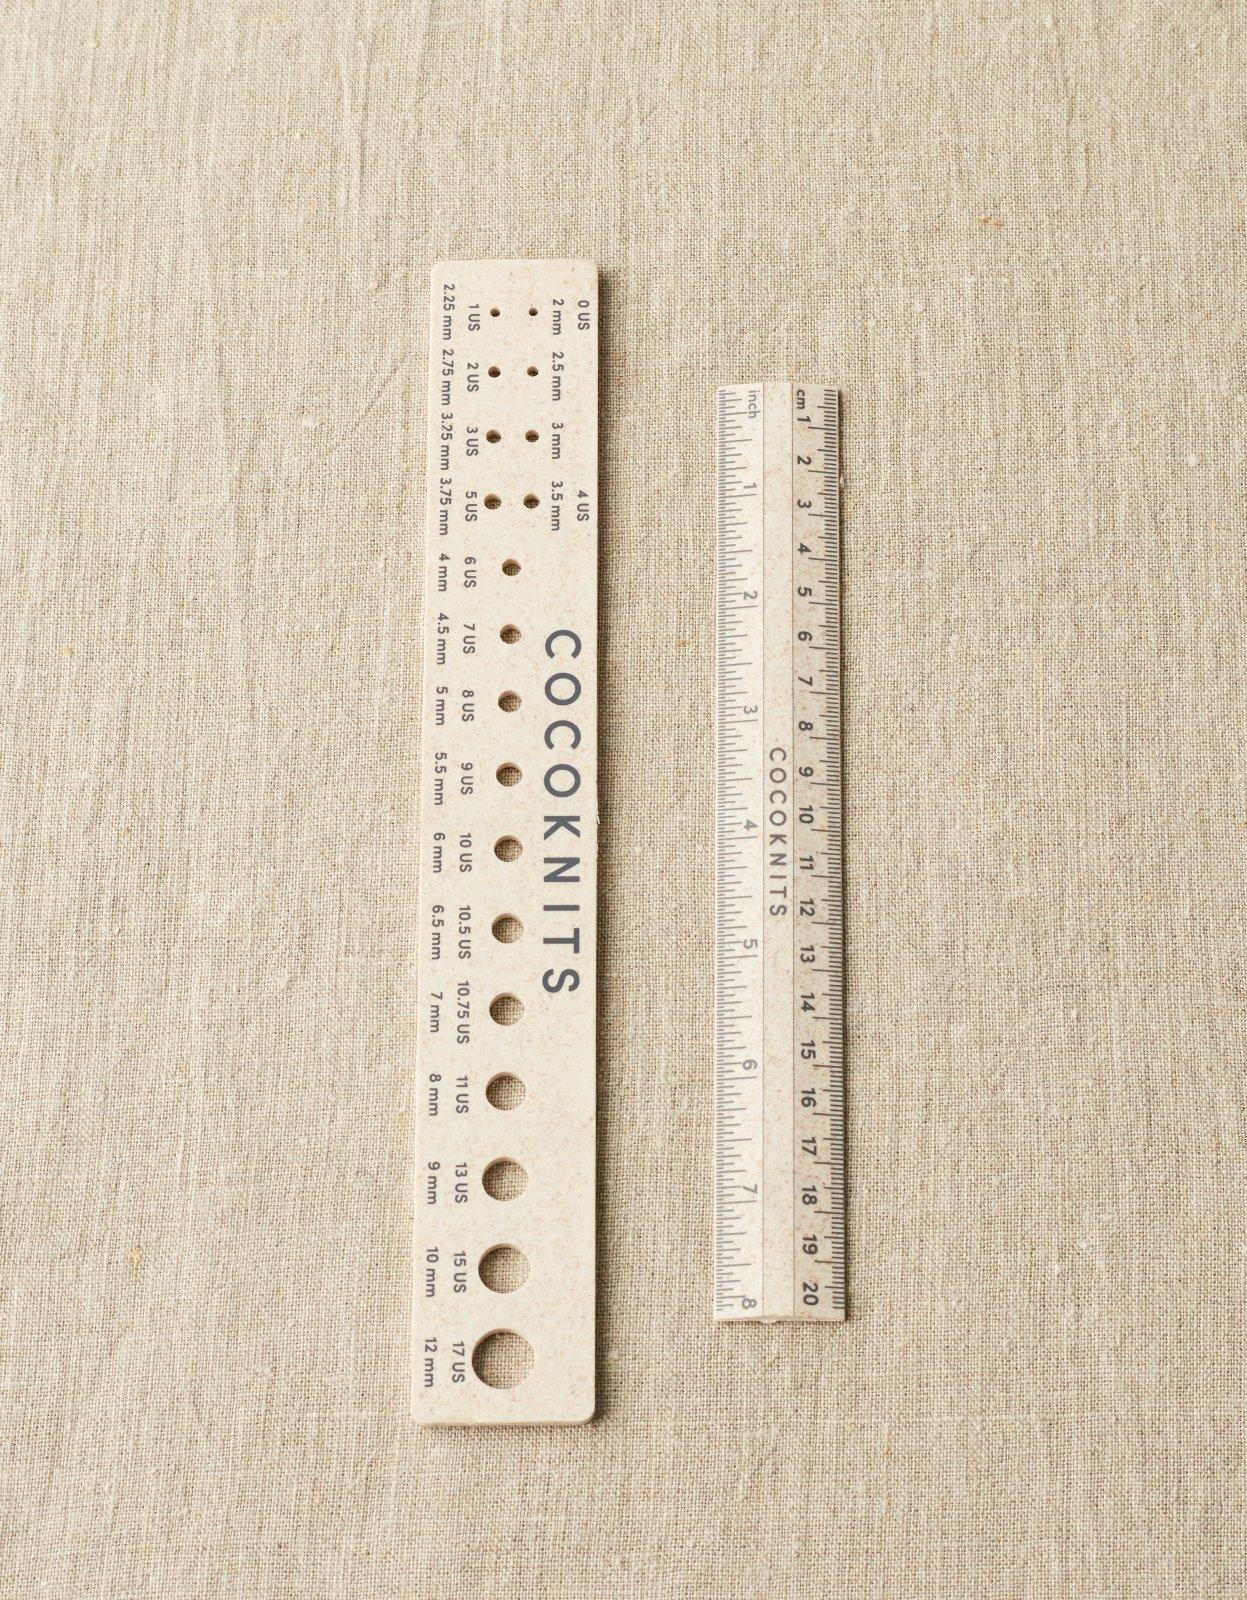 CocoKnits Ruler & Gauge Set